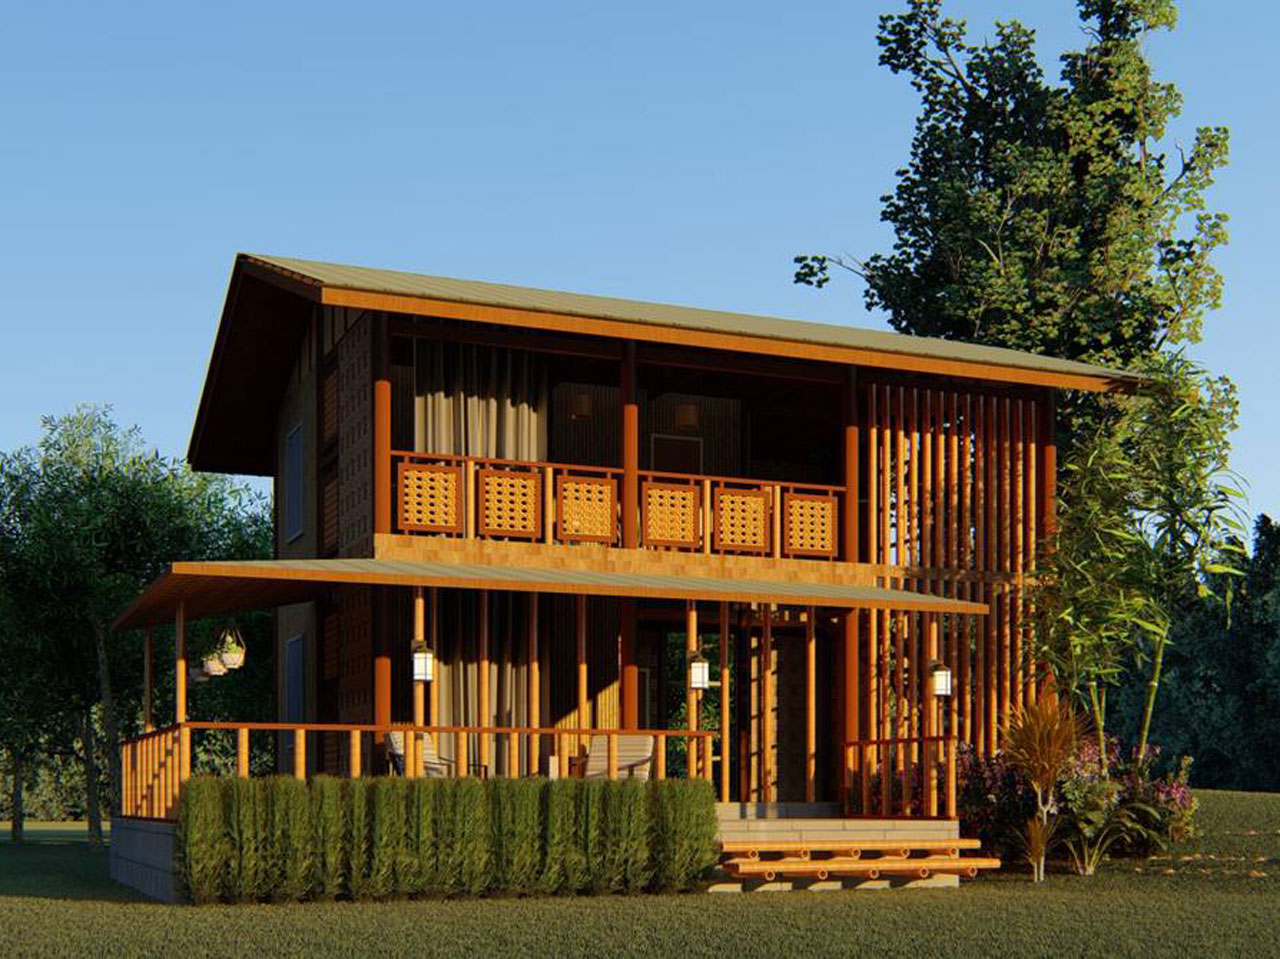 Desain Rumah Bambu Minimalis Modern